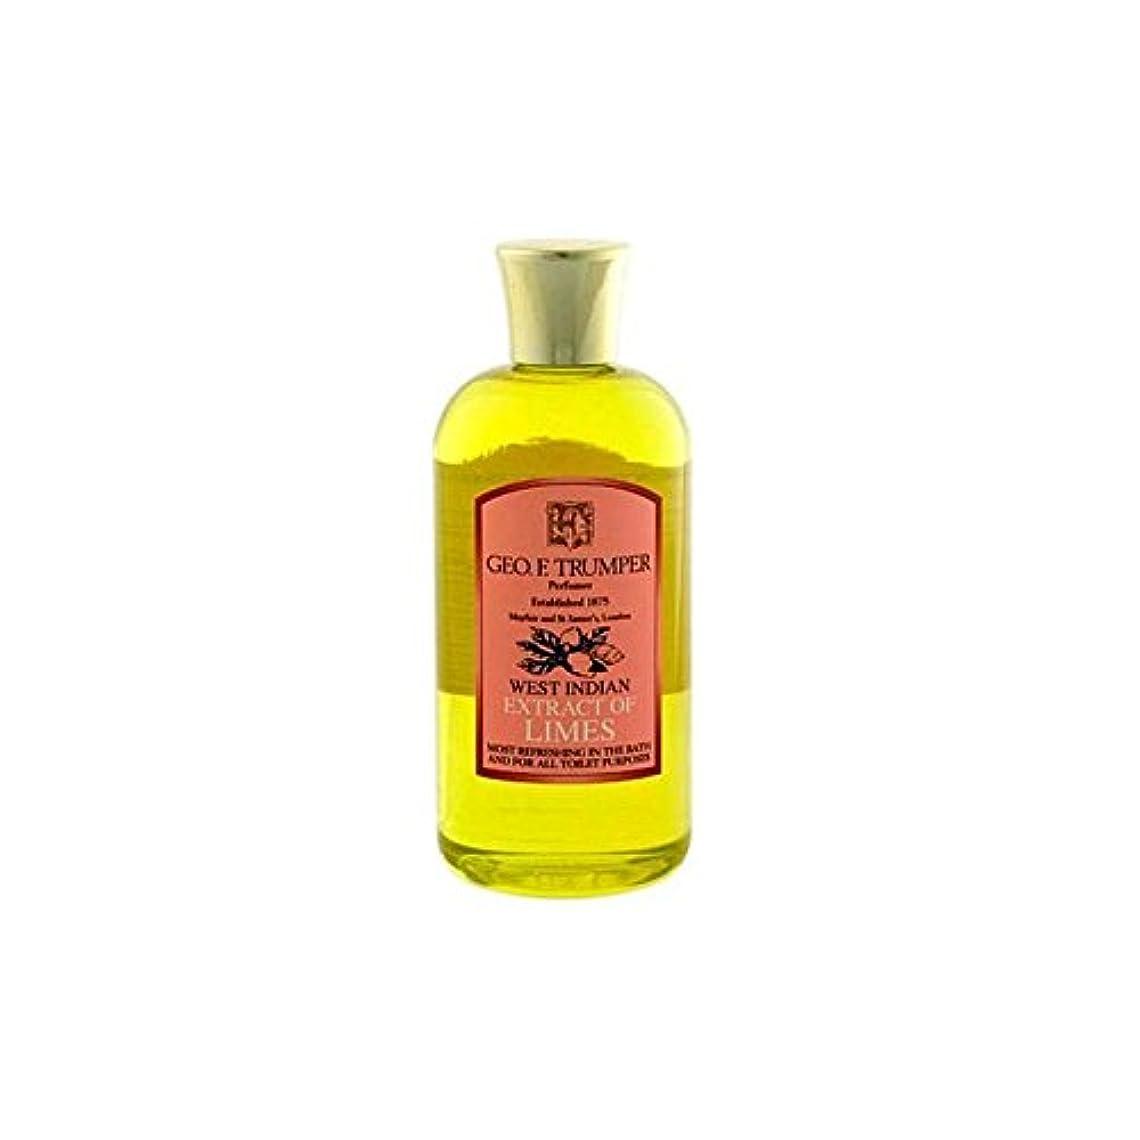 眠っている帝国主義こだわりTrumpers Extracts of Limes Bath and Shower Gel 200ml (Pack of 6) - ライムのバスタブとシャワージェル200の抽出物を x6 [並行輸入品]